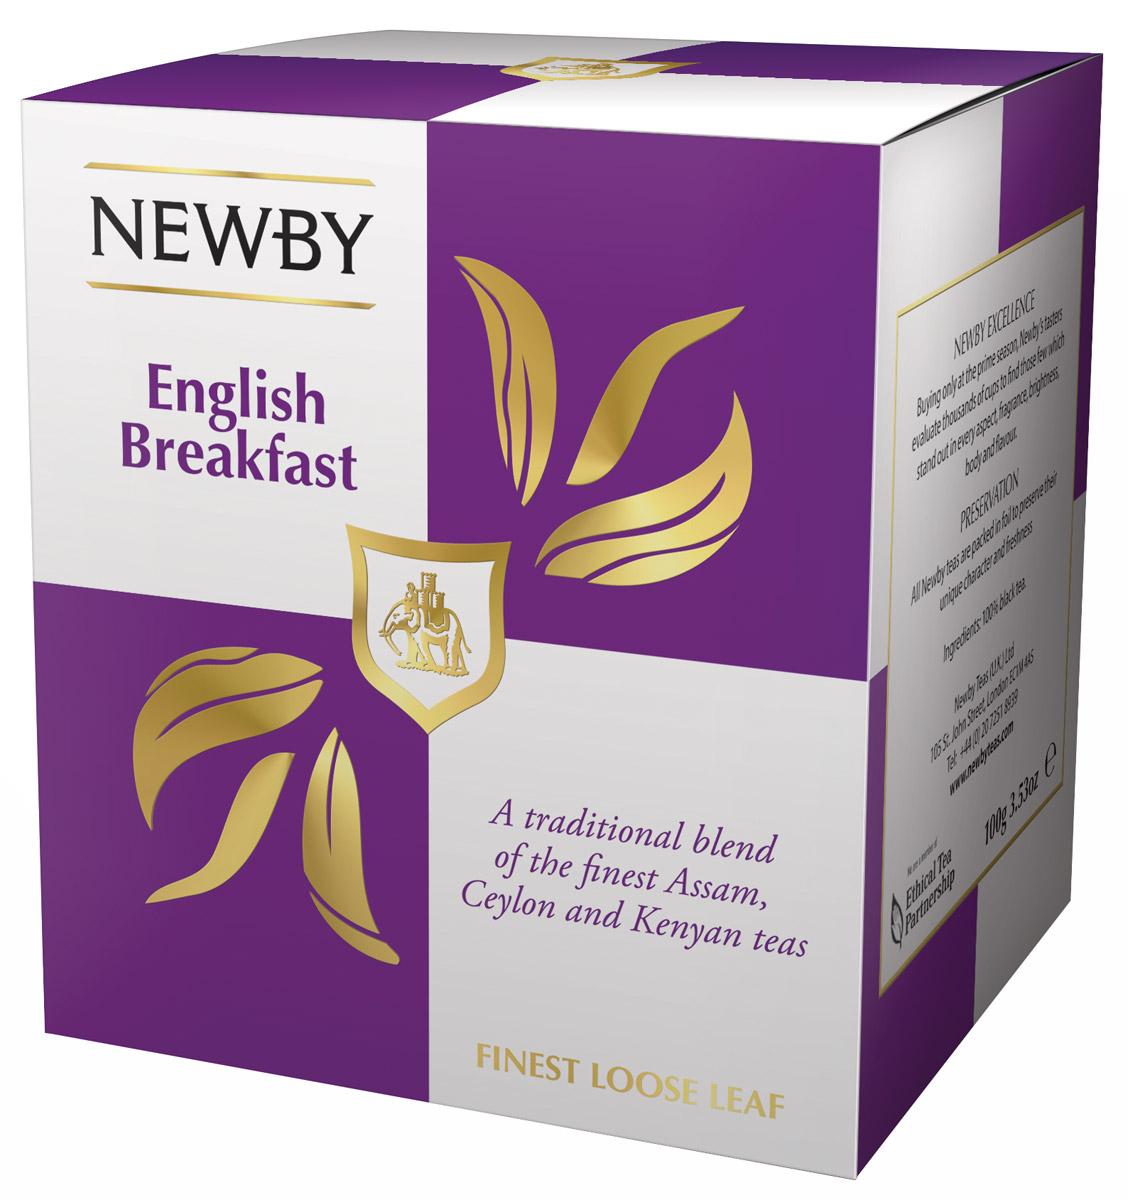 Newby English Breakfast черный листовой чай, 100 г0766031103287Newby English Breakfast - популярная смесь черных сортов чая из Ассама, Цейлона и Кении. Сбалансированный терпкий солодовый вкус с приятными цитрусовыми и пряными нотками. Чашка крепкого чая насыщенного янтарного цвета и богатого вкуса идеальна для начала дня.